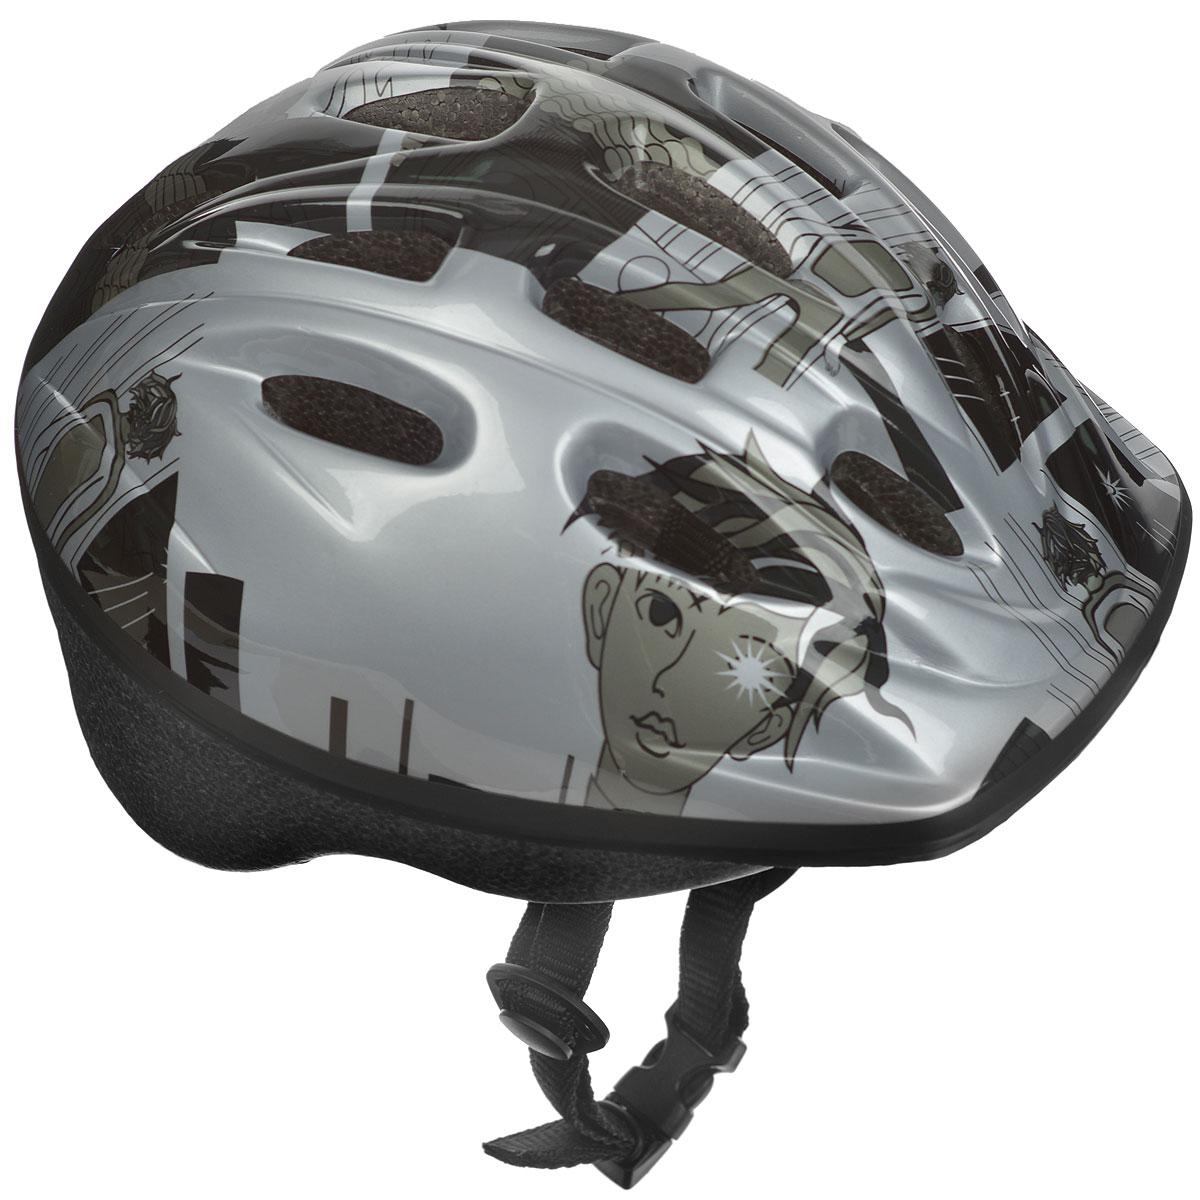 Шлем защитный Action, цвет: серый. Размер XS (48-51). PWH-30SF 0085Шлем Action послужит отличной защитой для ребенка во время катания на роликах или велосипеде. Он выполнен из плотного вспененного пенопласта, покрытого пластиковой пленкой и отлично сидит на голове, благодаря мягким вставкам на внутренней стороне. Шлем снабжен системой вентиляции и крепится при помощи удобного регулируемого ремня с пластиковым карабином, застегивающимся на подбородке.